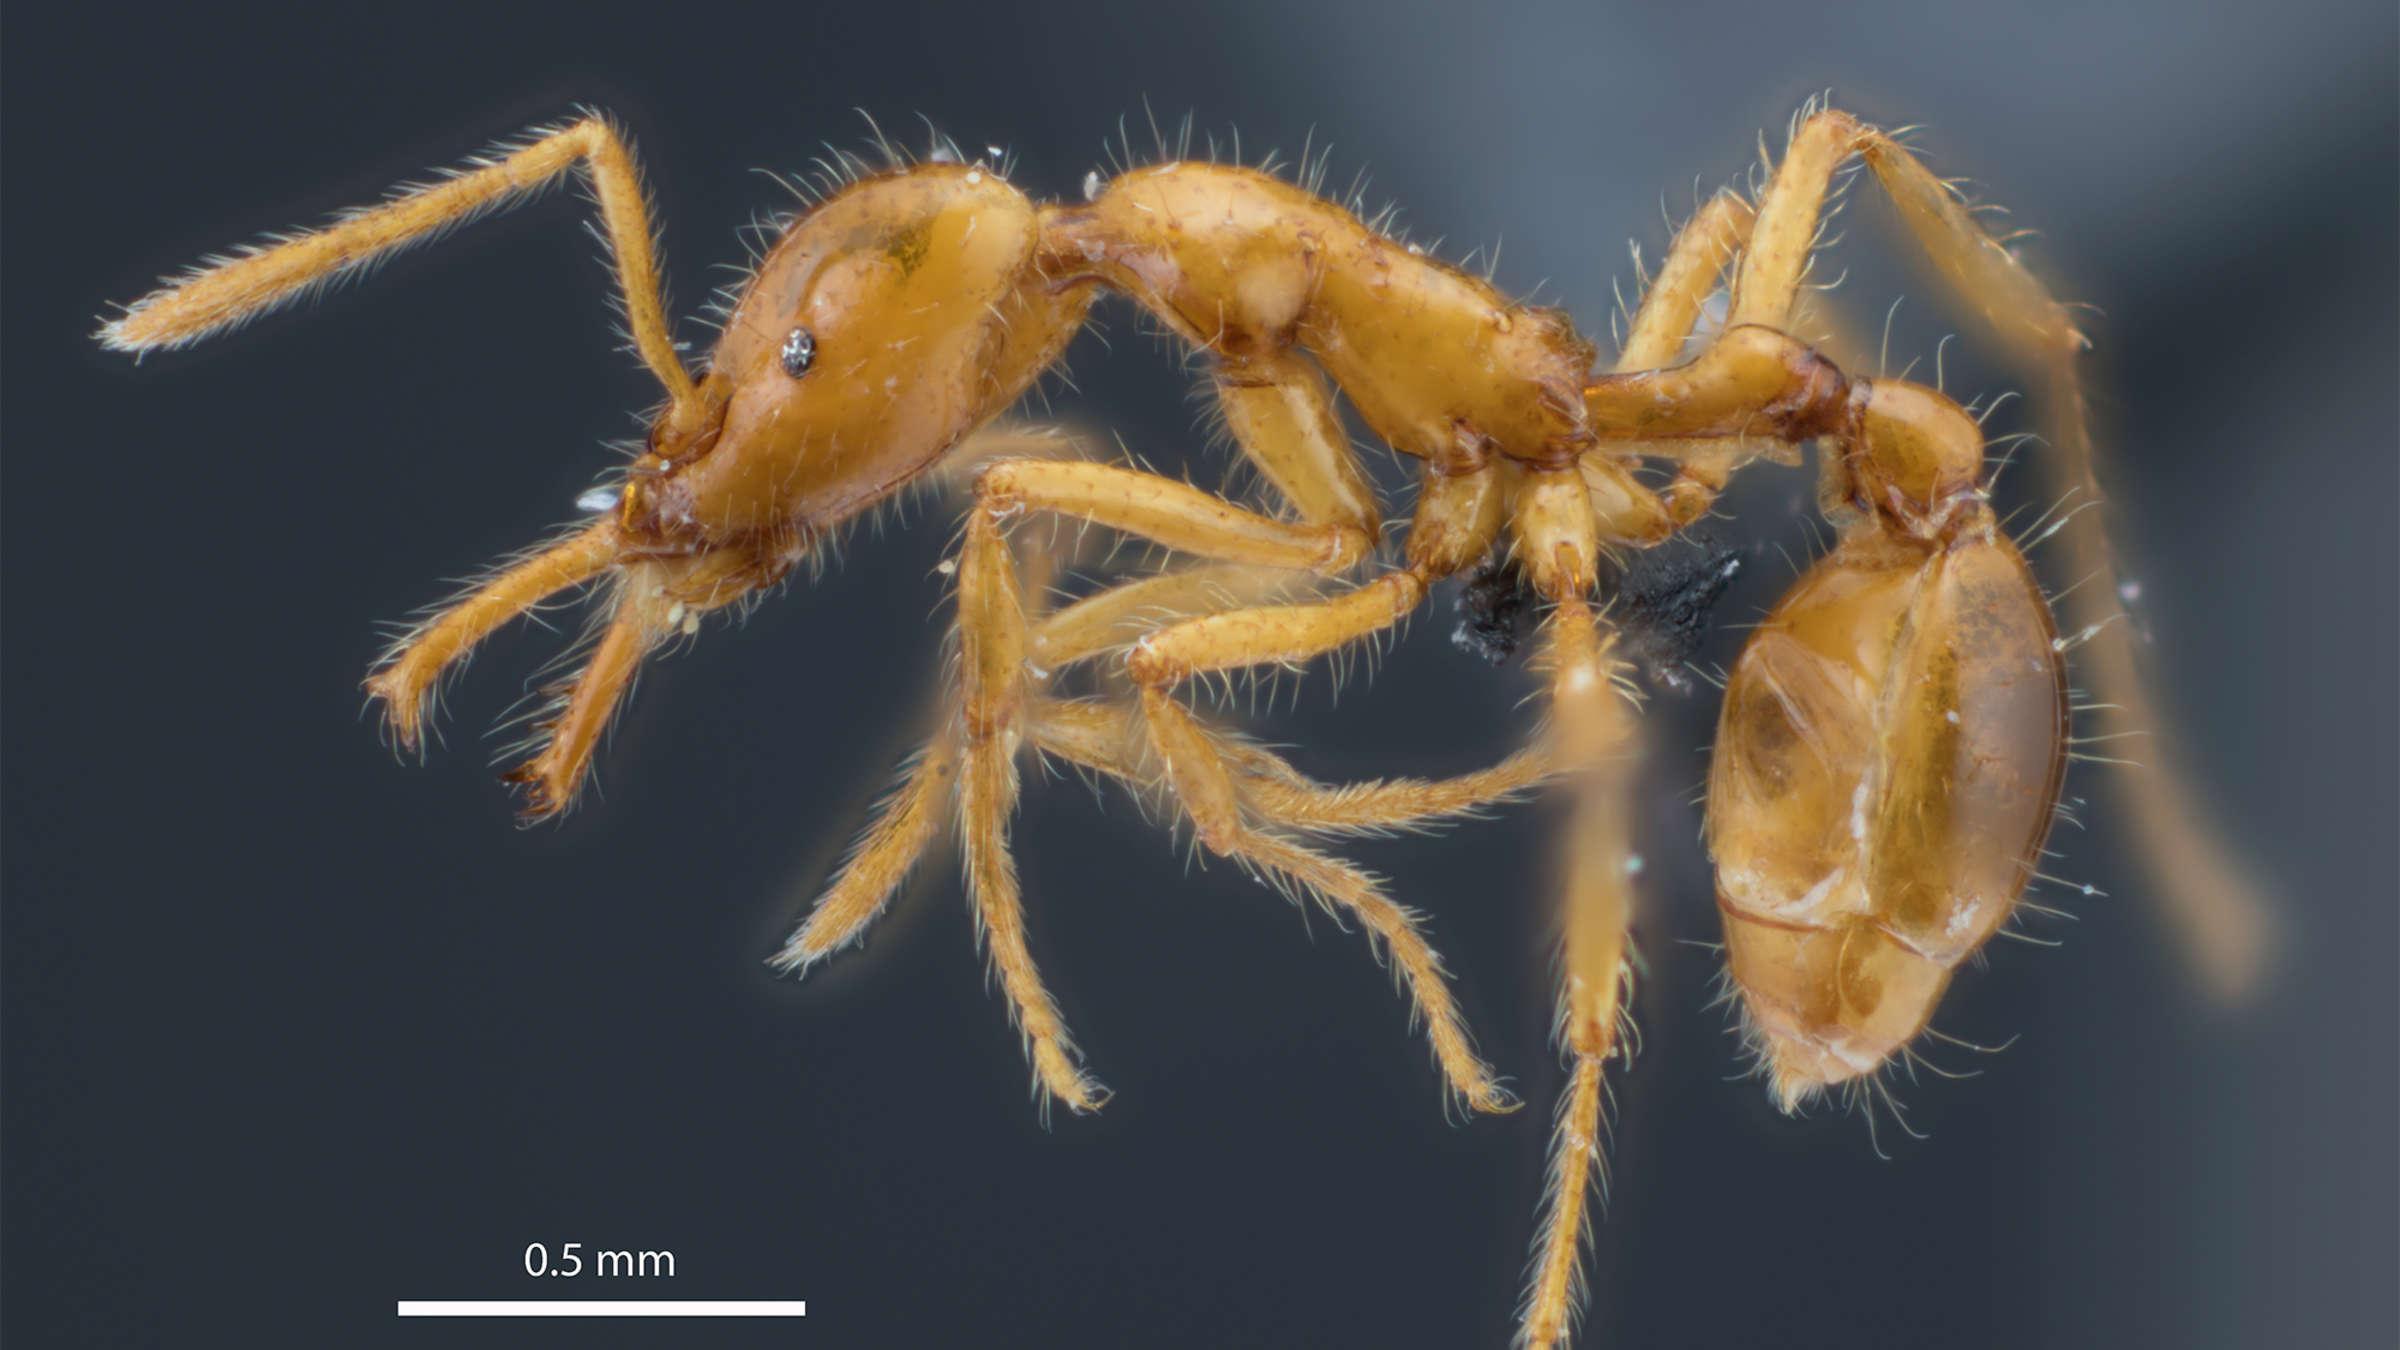 Новый вид муравьев получил гендерно-нейтральное имя